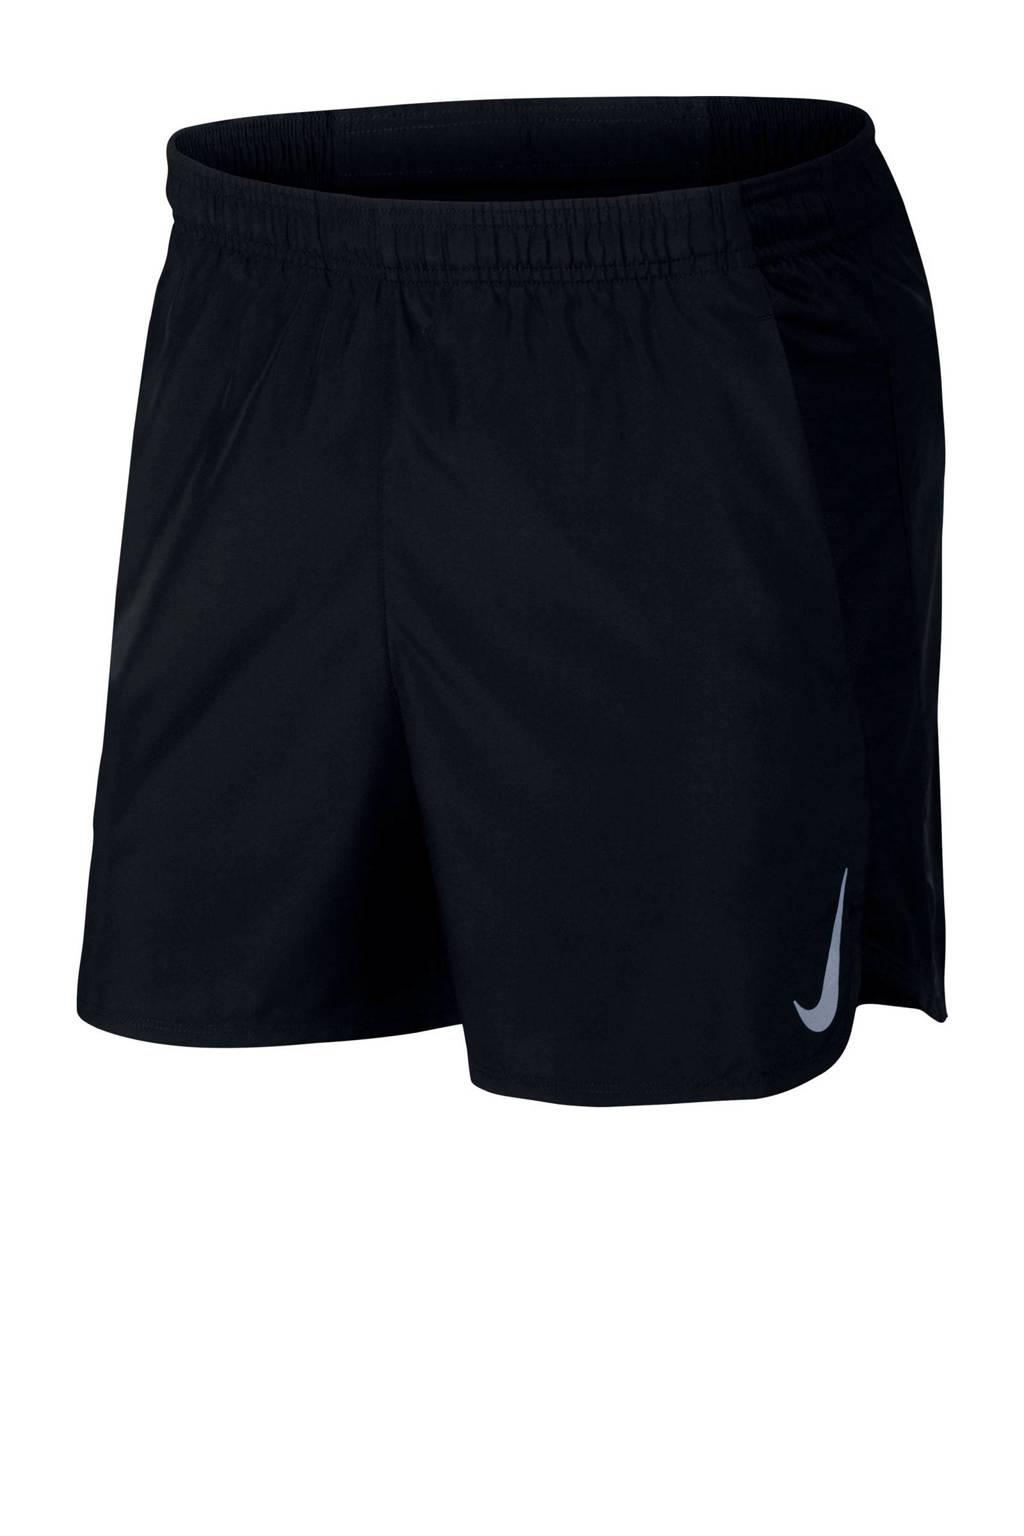 Nike   hardloopshort zwart, Zwart